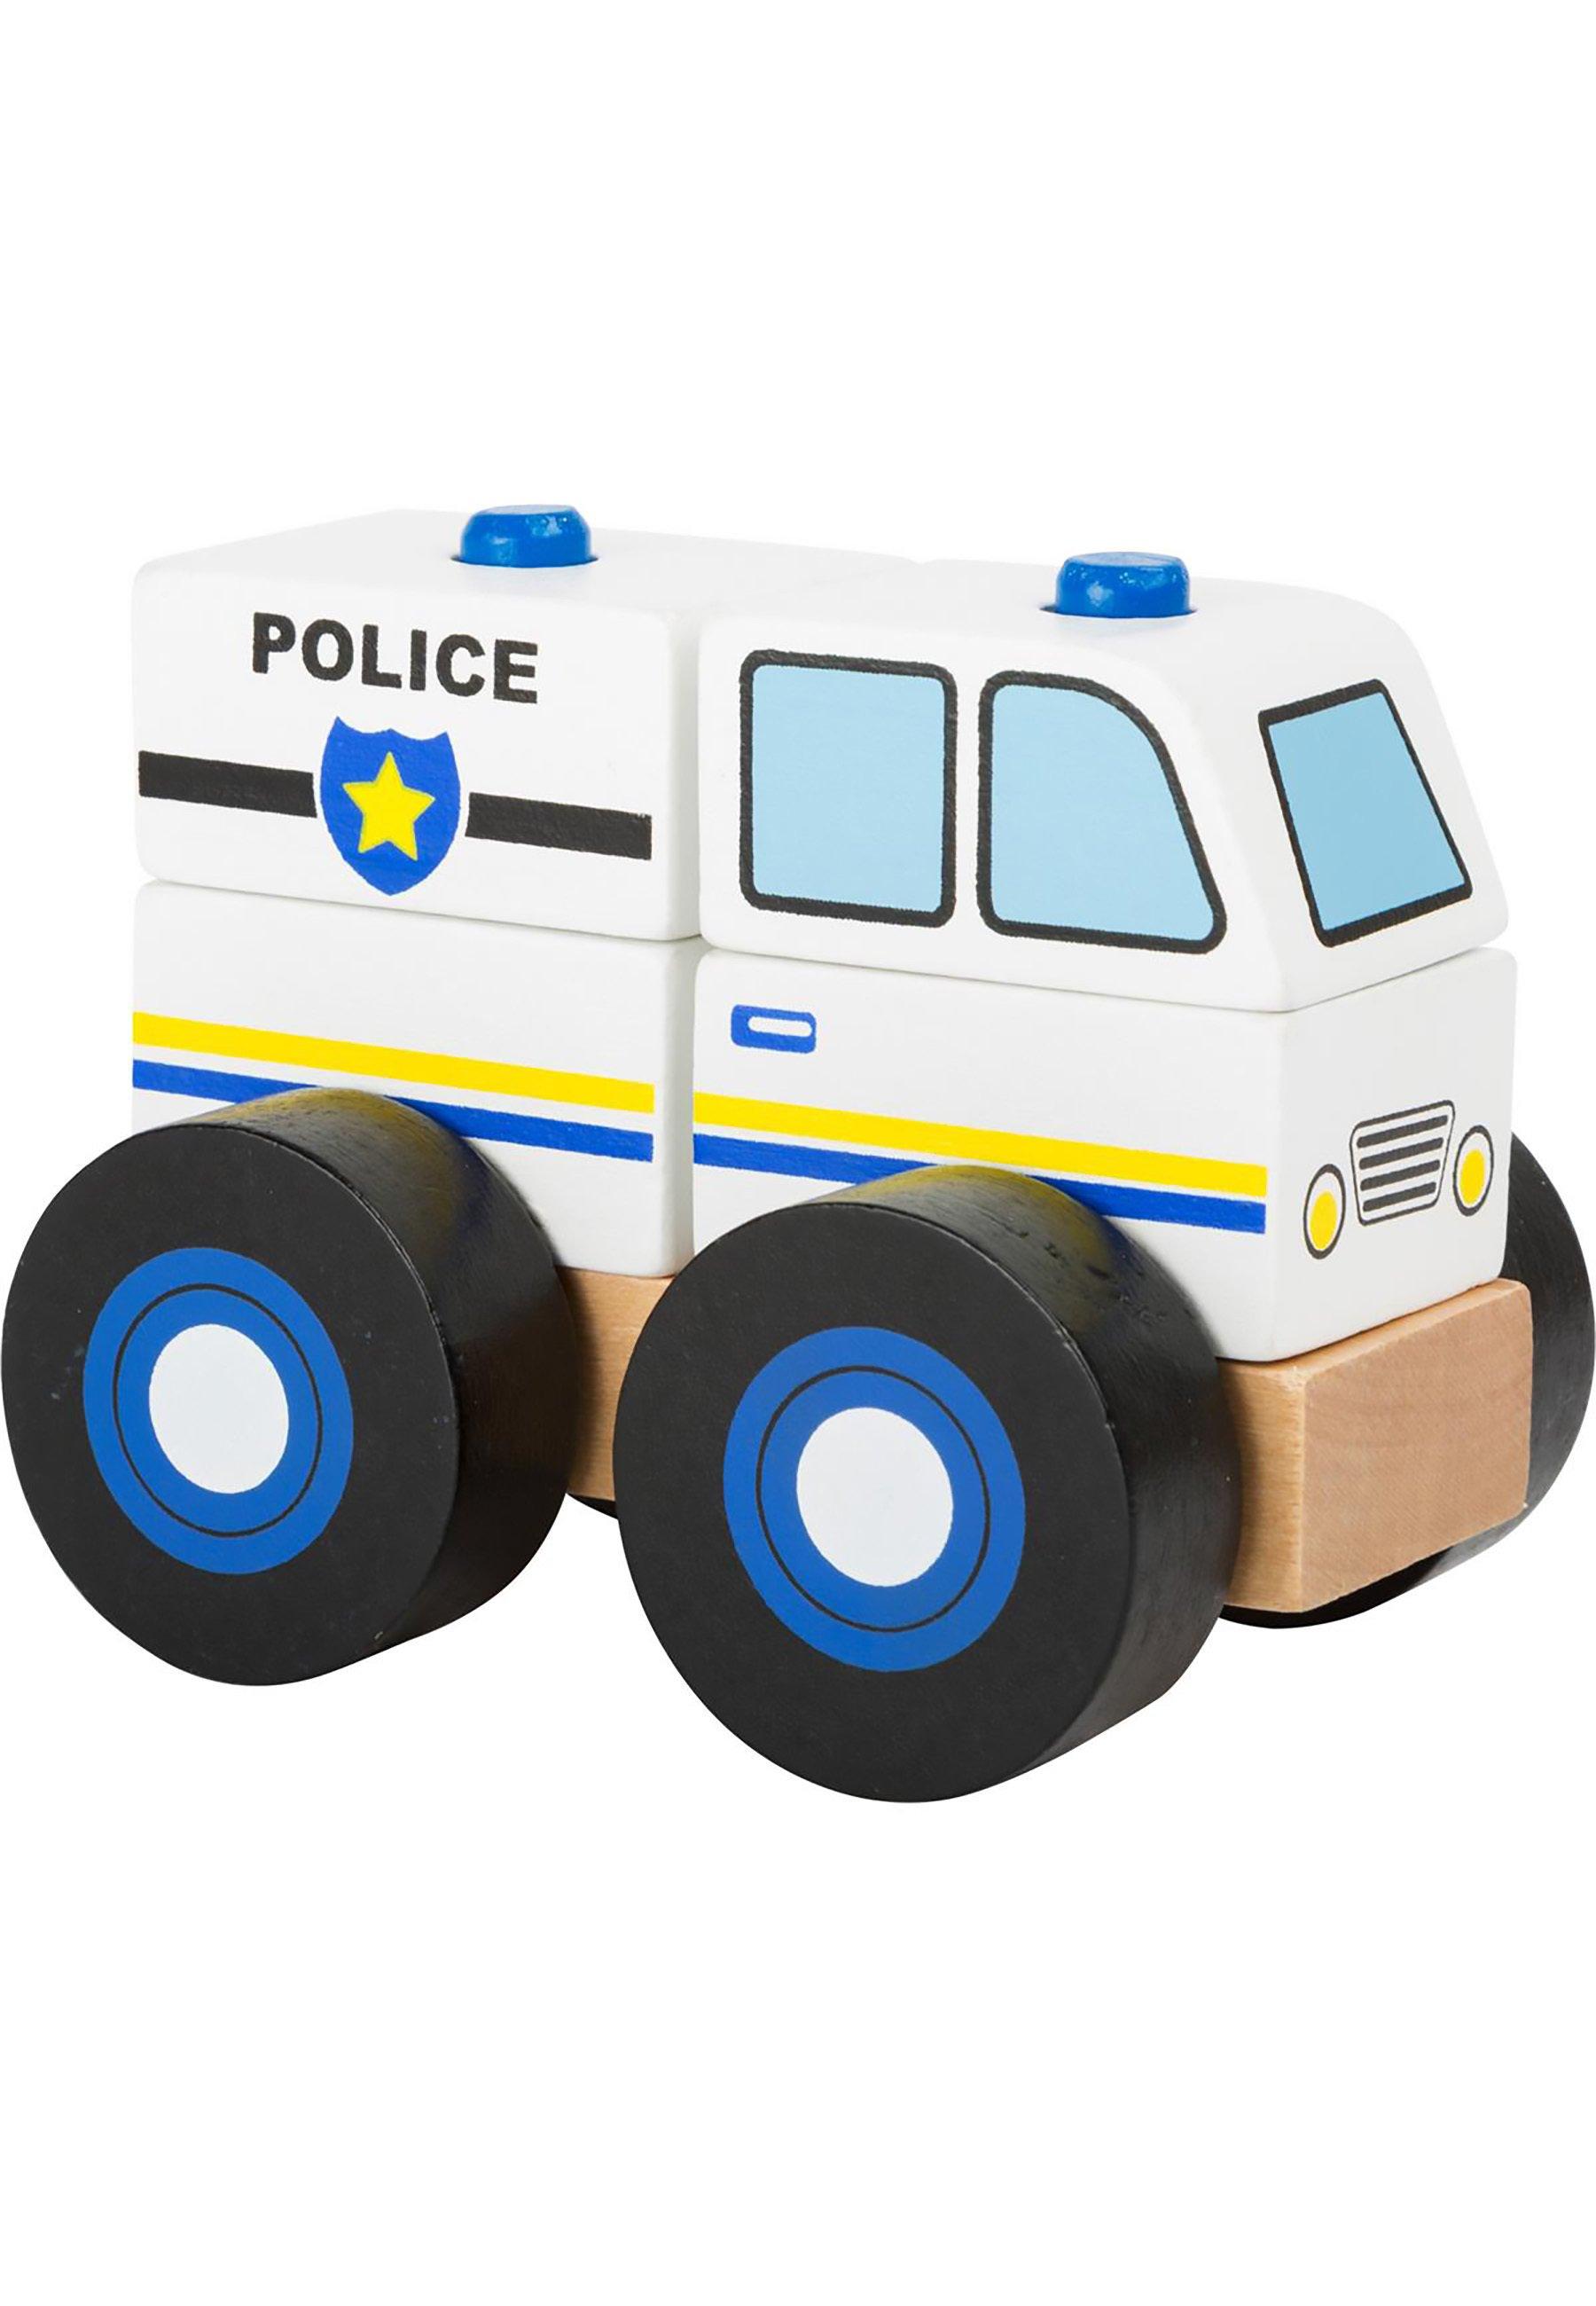 Kinder FAHRZEUGE KONSTRUKTIONSFAHRZEUG POLIZEI - Holzspielzeug